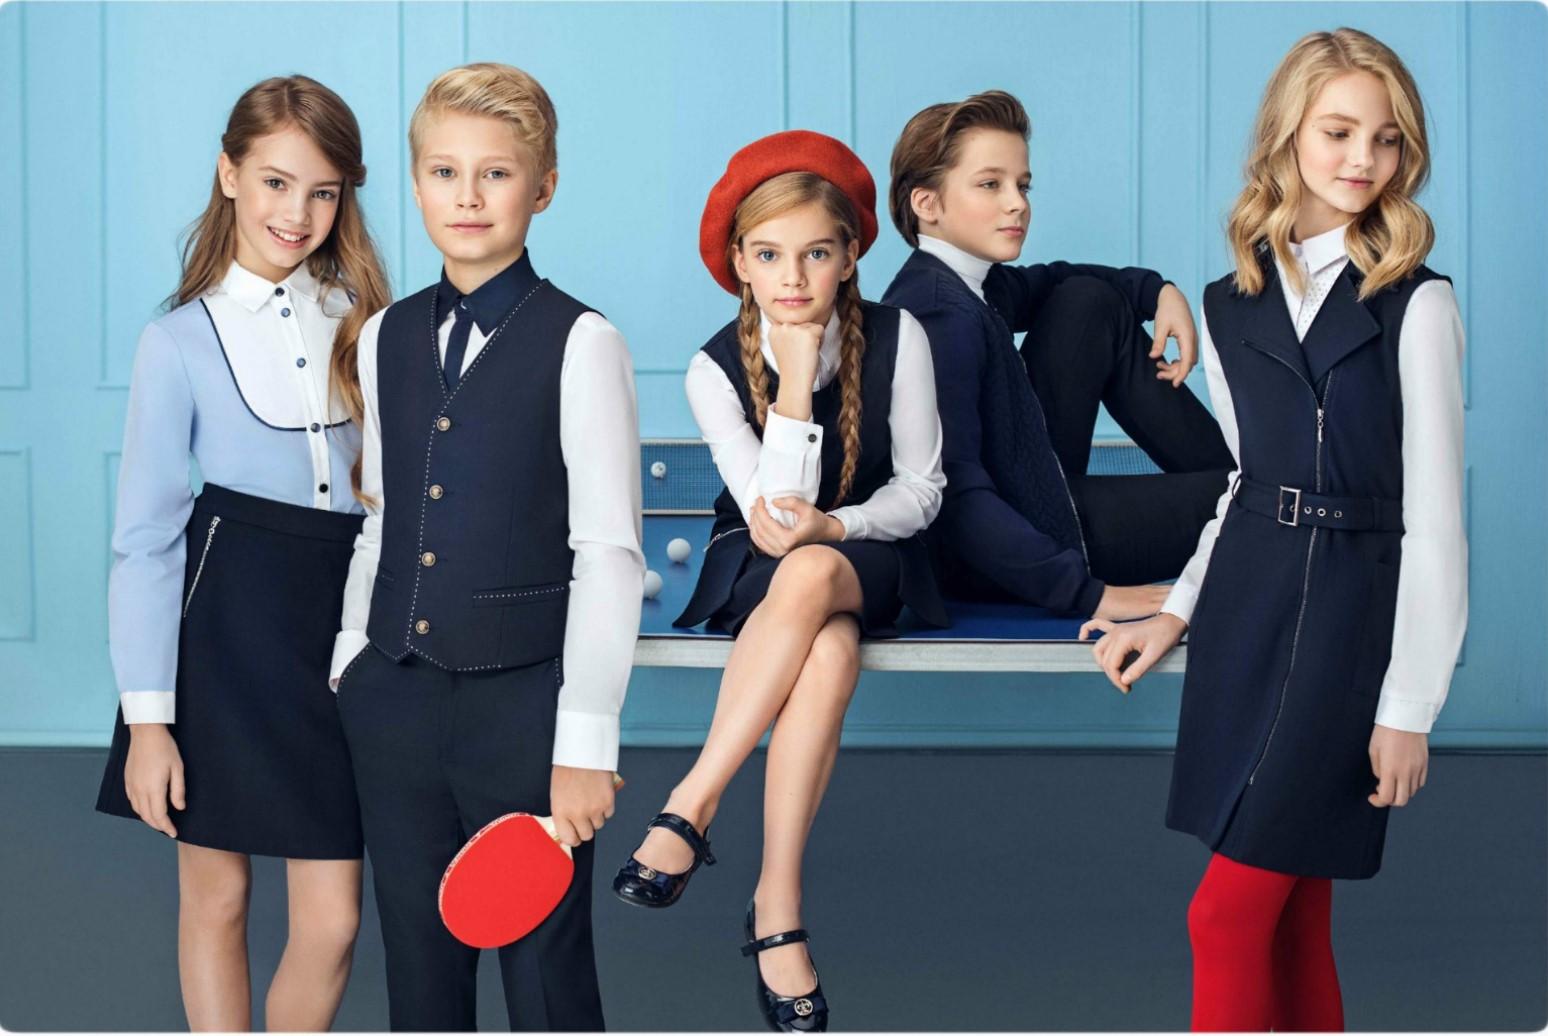 Одежда в деловом стиле – конструктивная альтернатива школьной форме